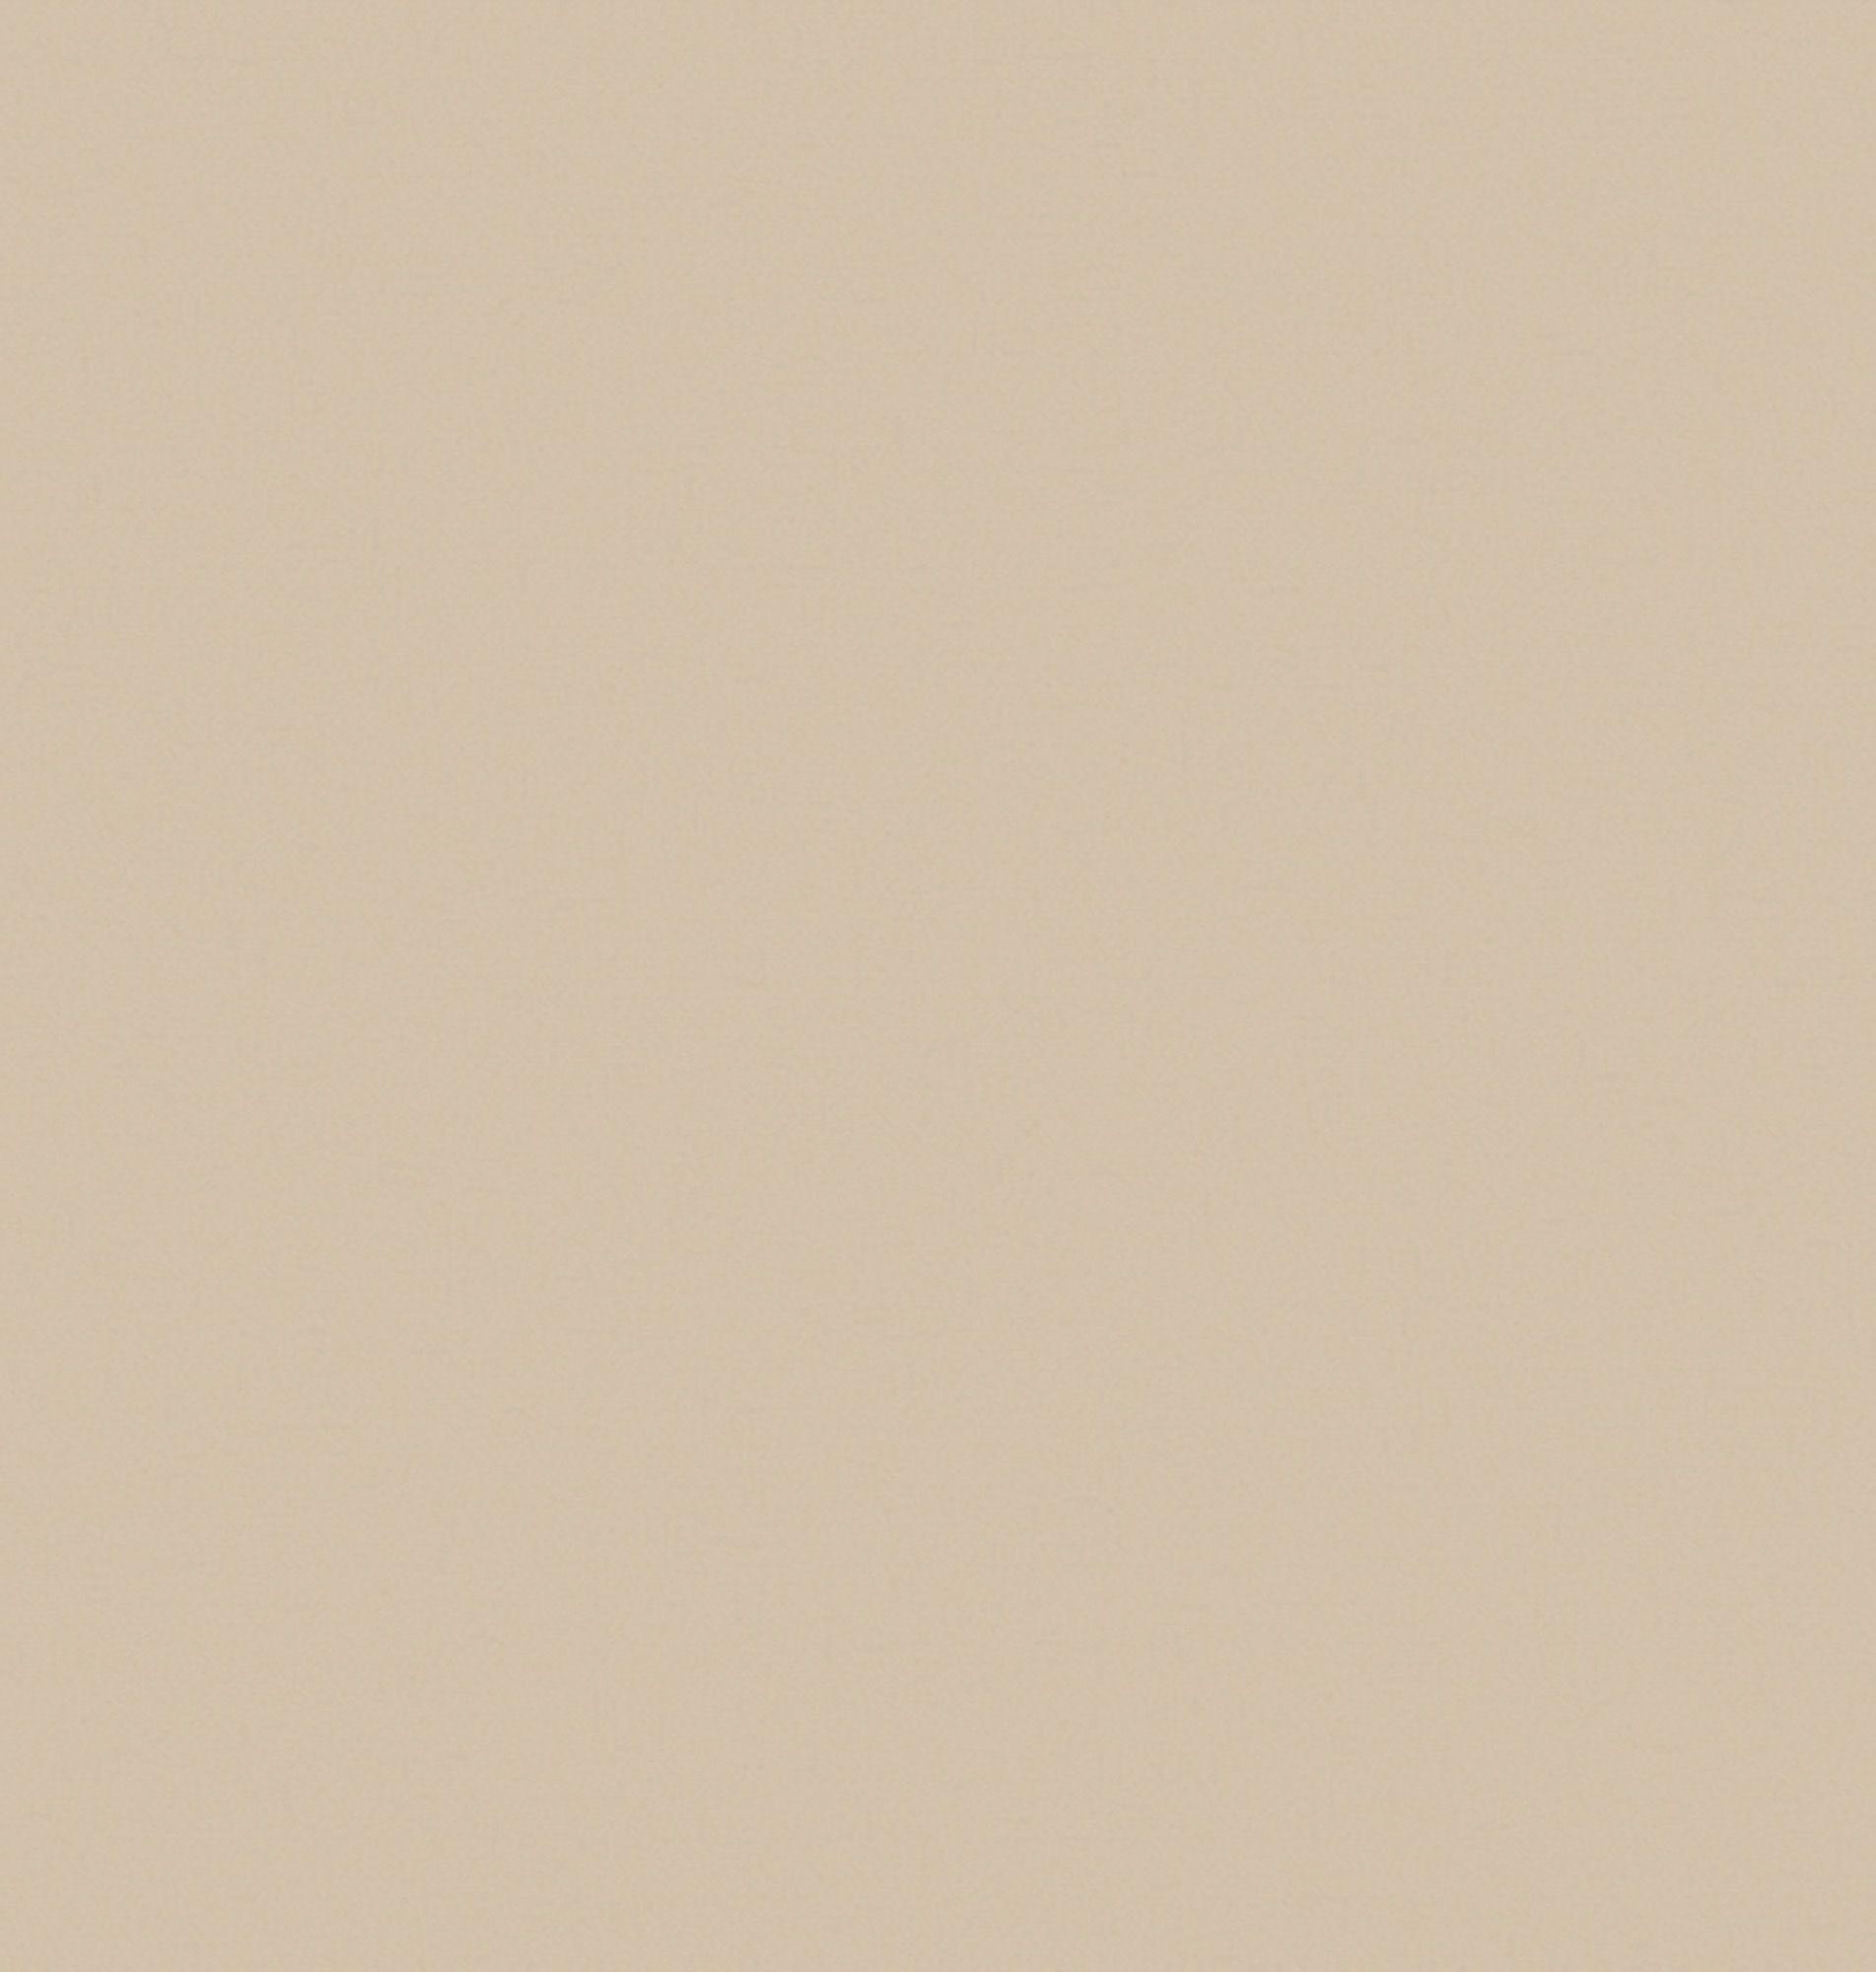 Tecido tricoline liso dohler 100% algodão bege